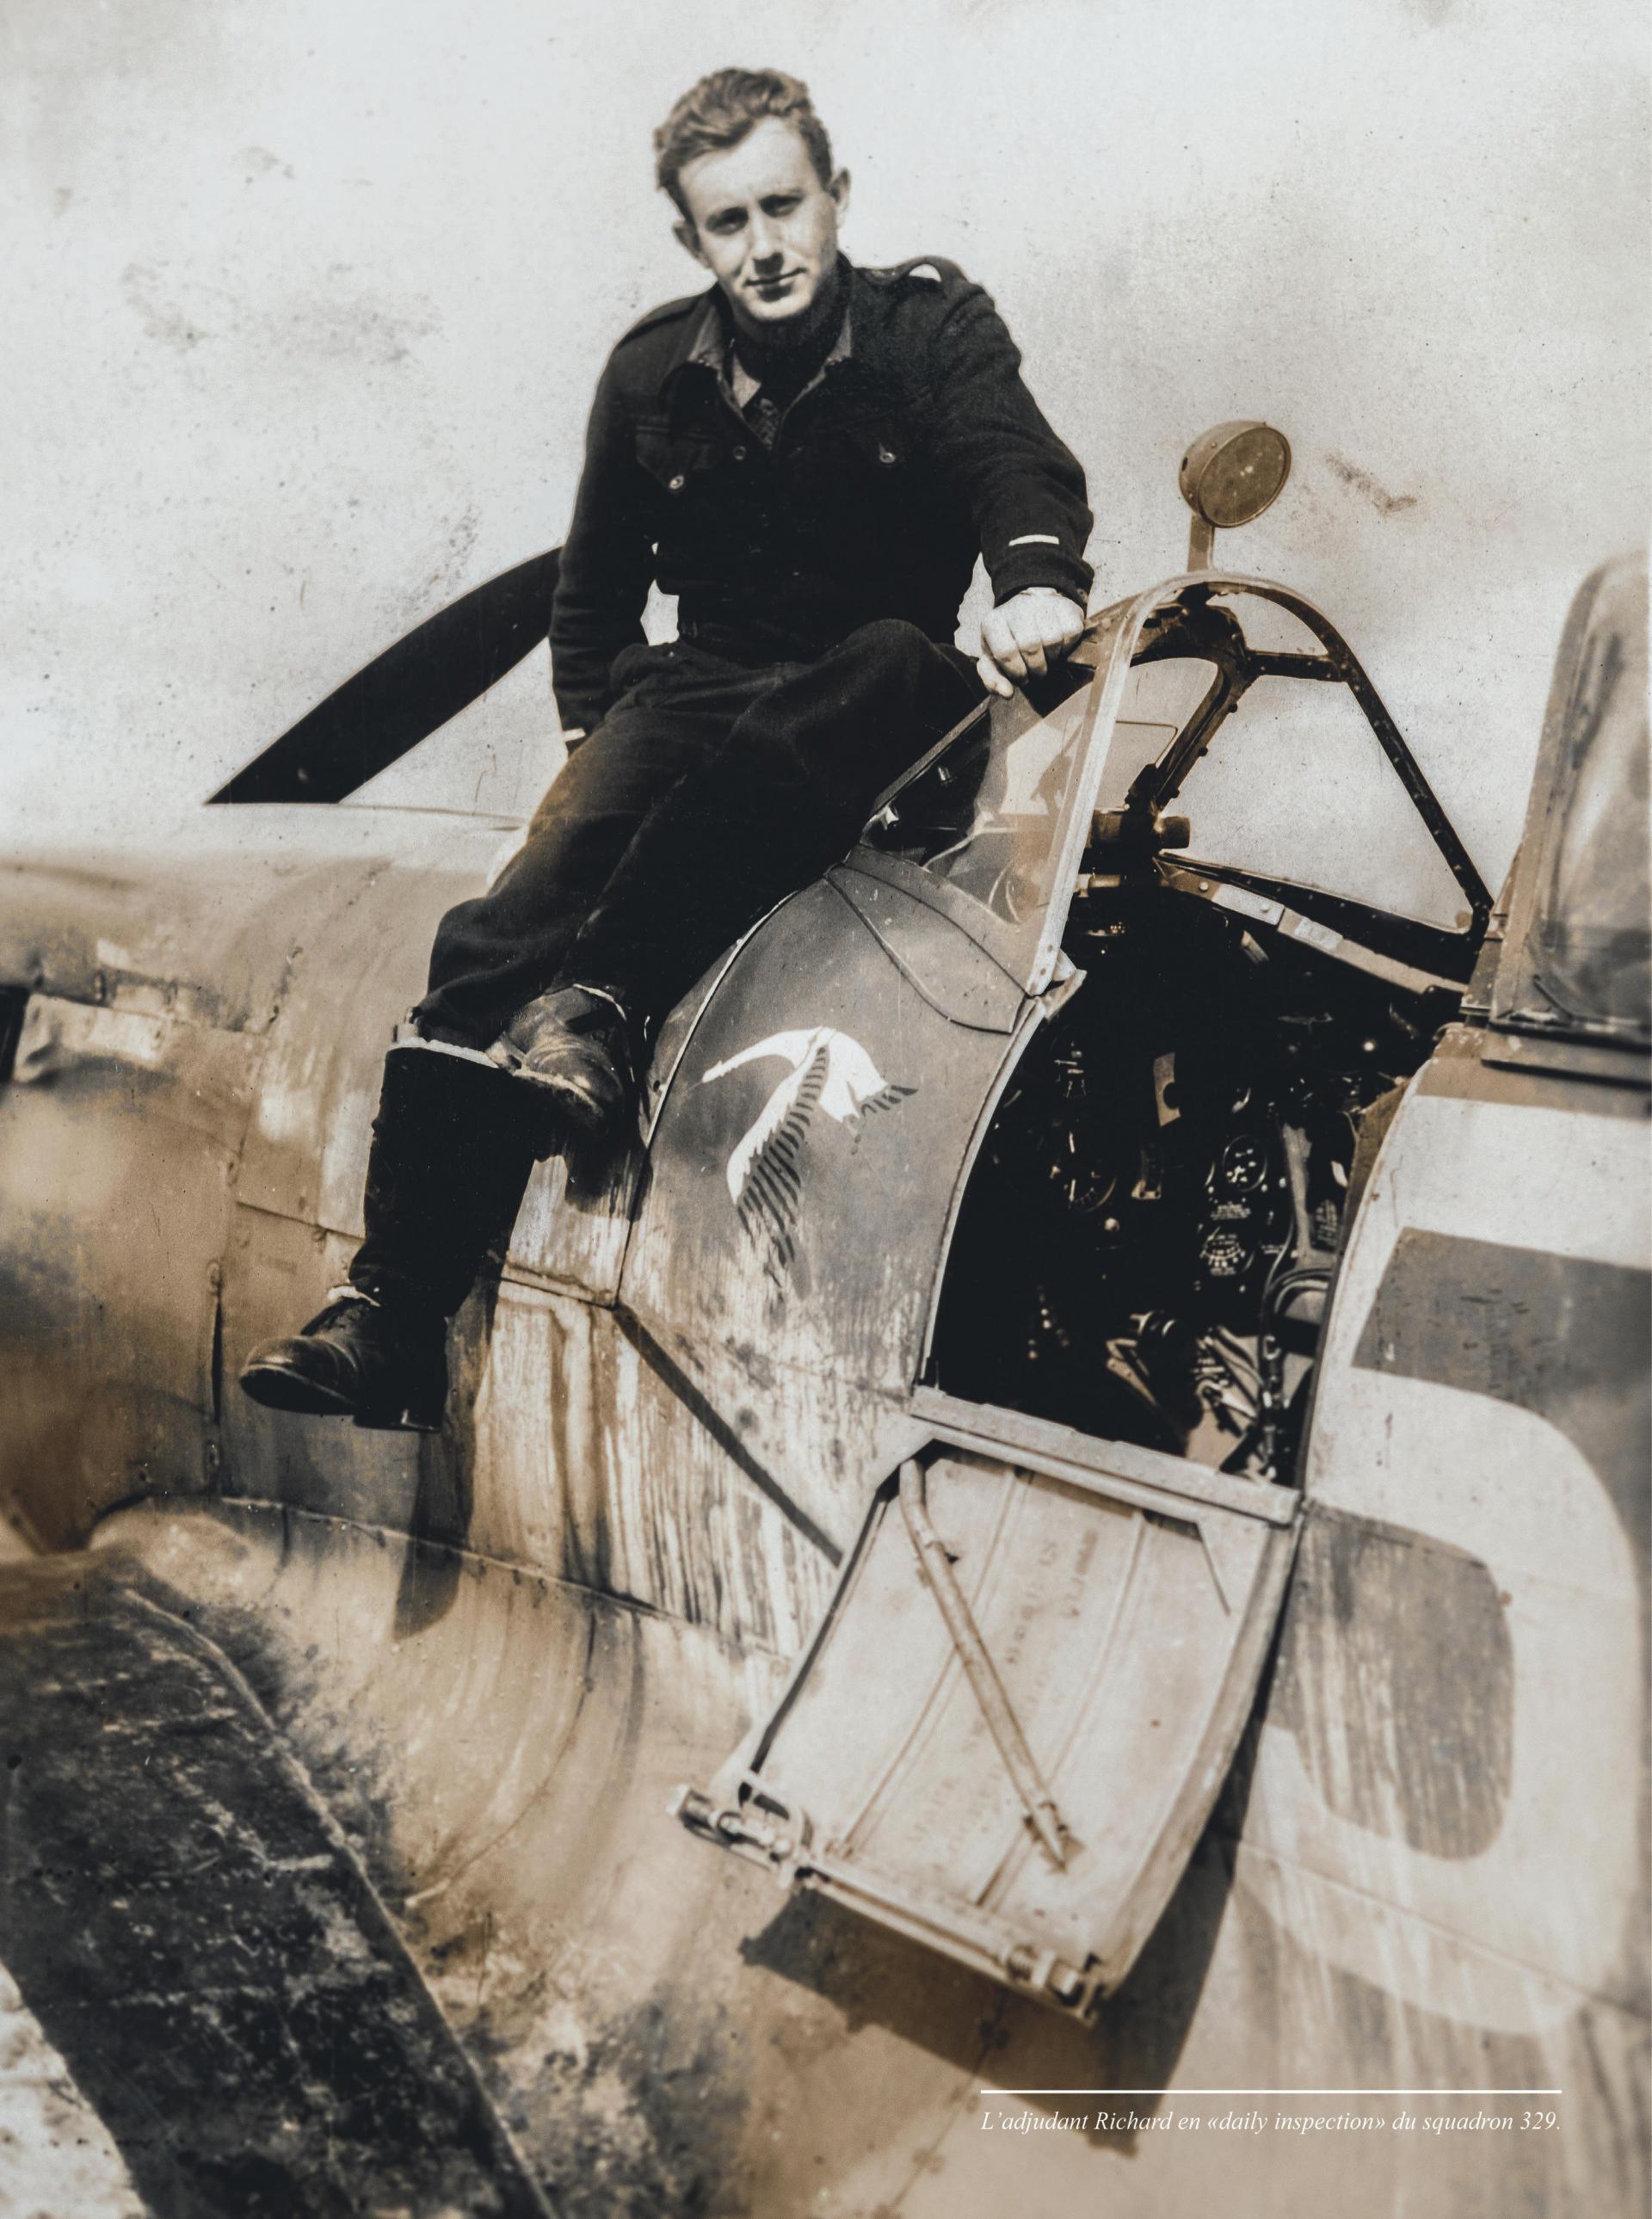 L'escadrille des cigognes, 100 ans de Guynemer